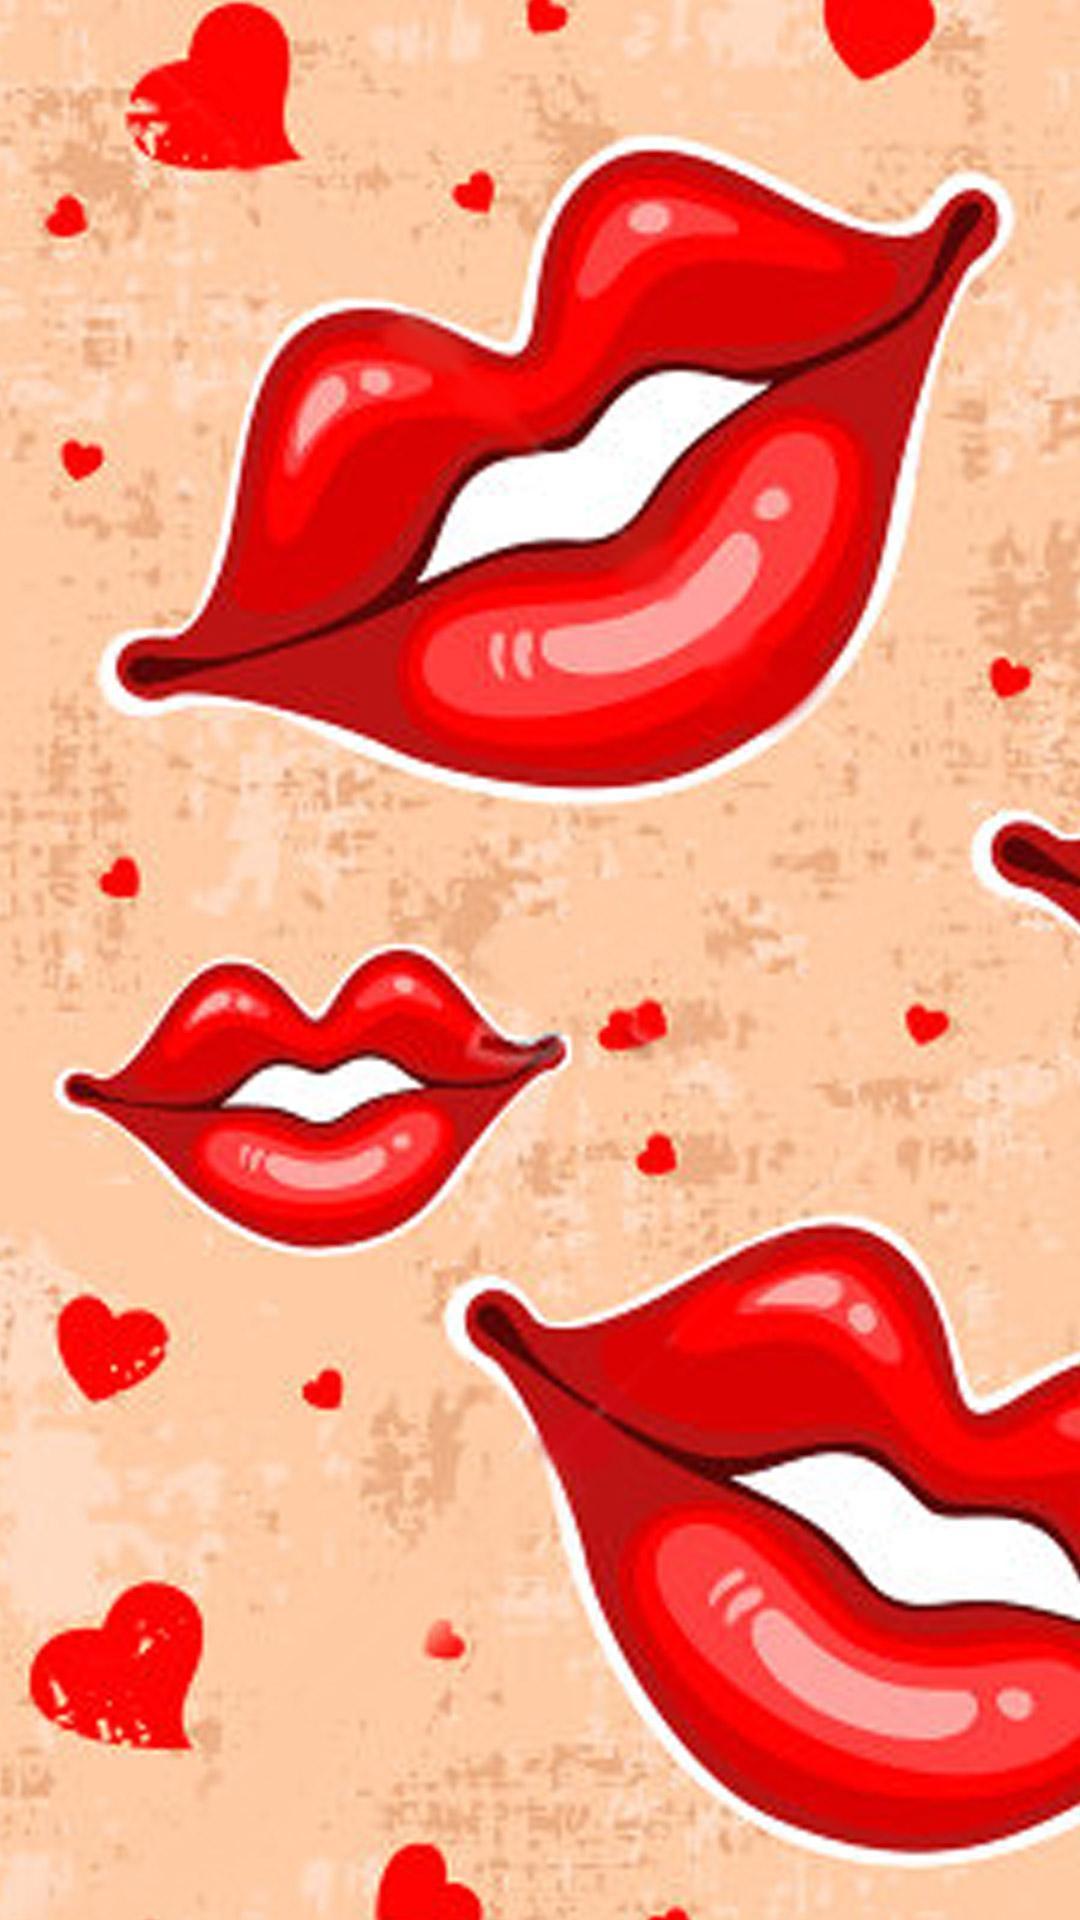 действовала картинки живые о любви поцелуйчики хотя она